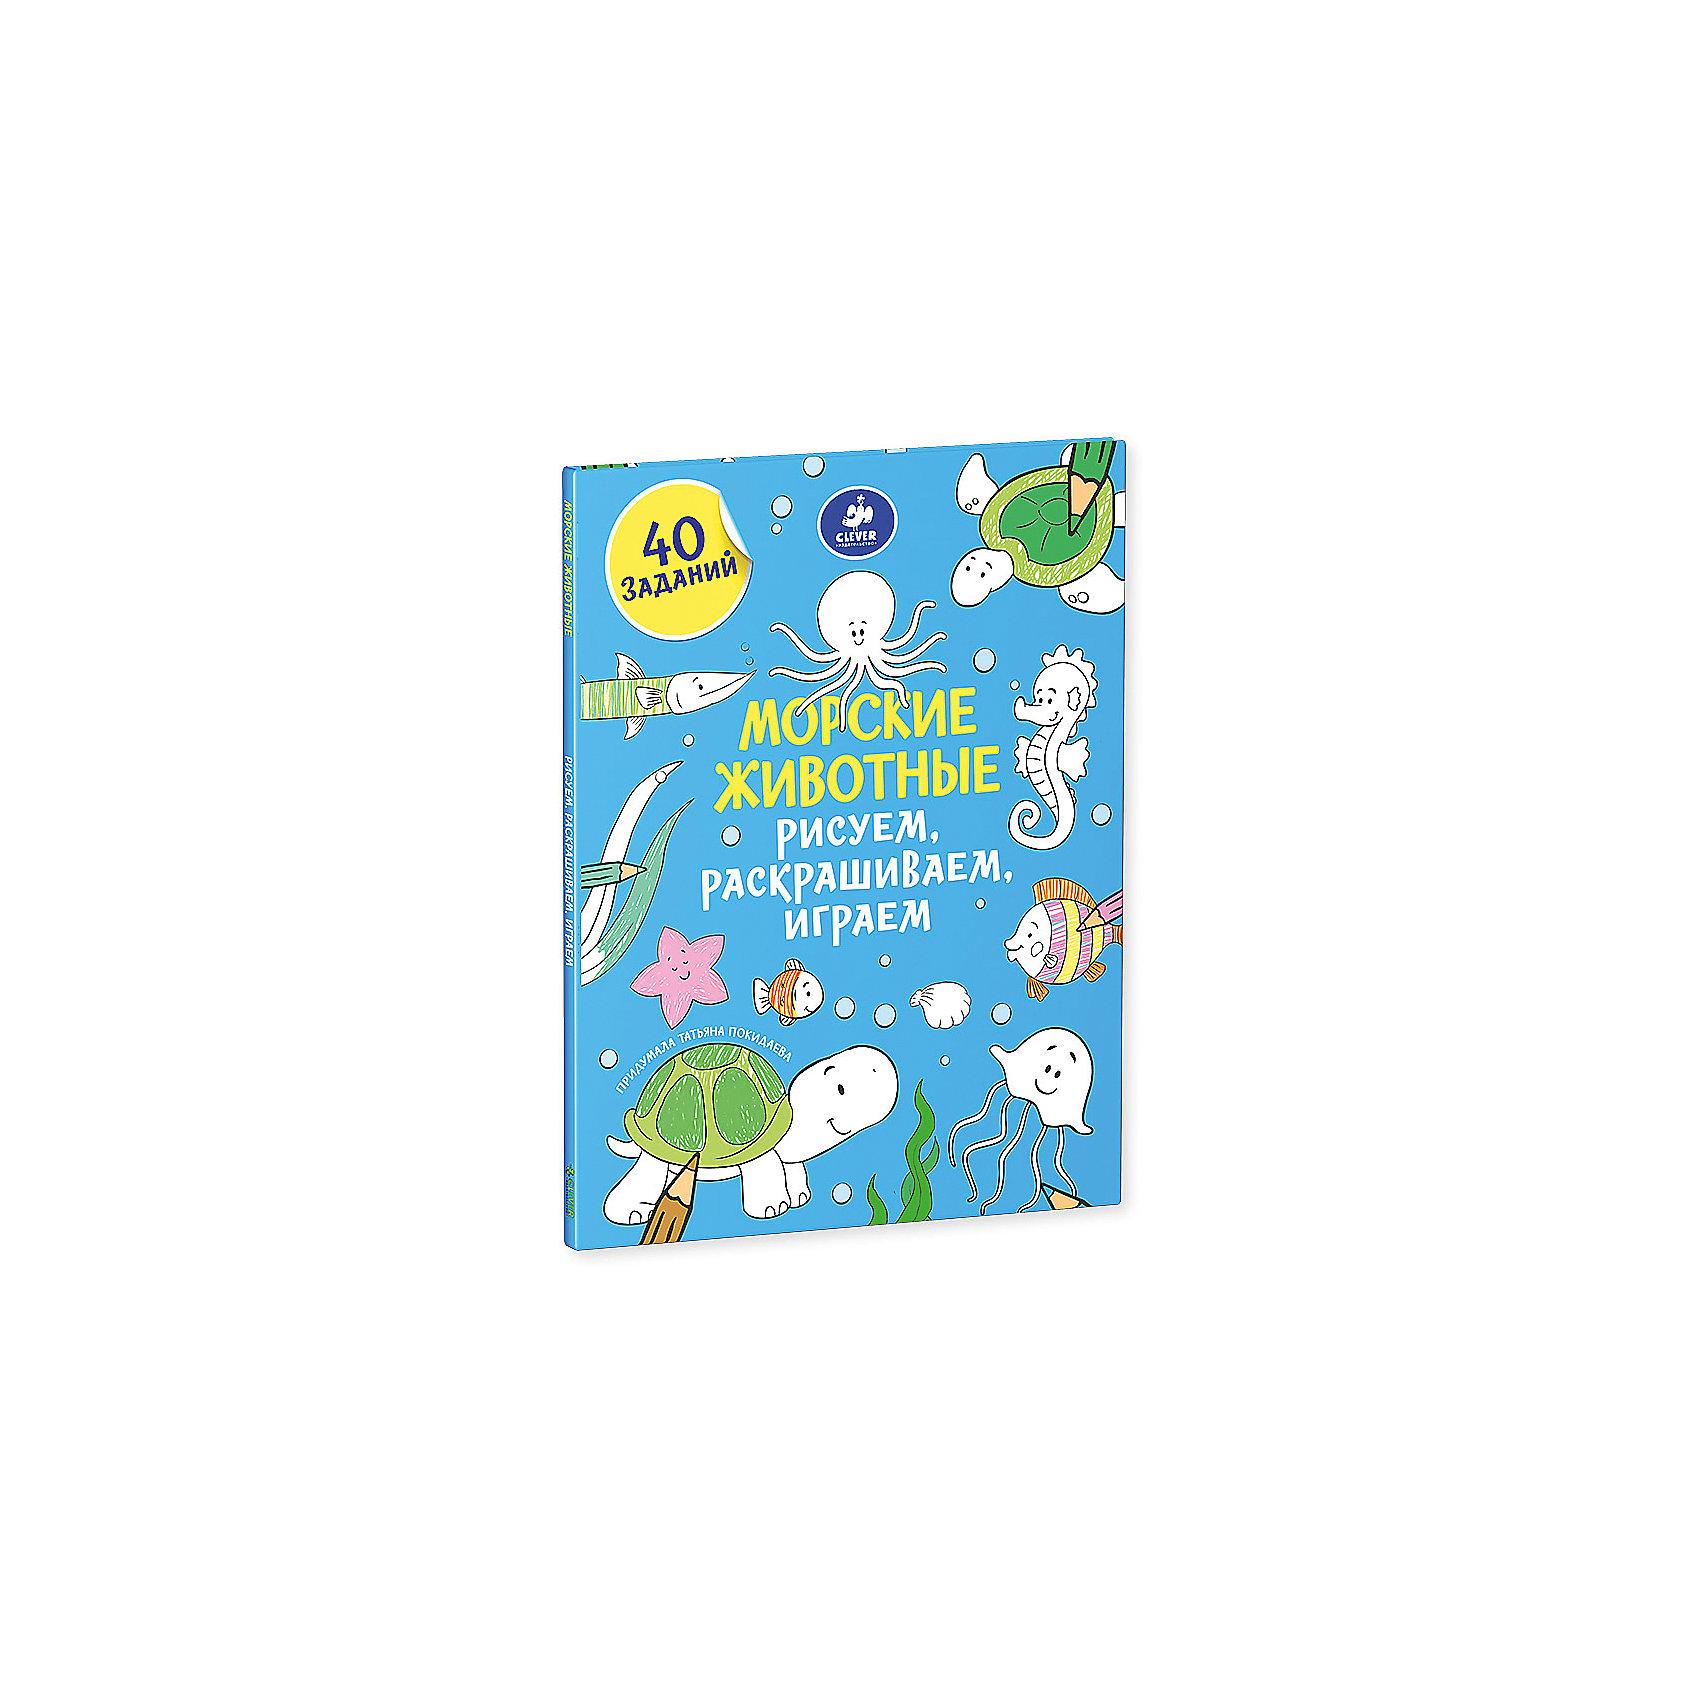 Книга с заданиями Рисуем, раскрашиваем, играем. Морские животныеКнига с заданиями Рисуем, раскрашиваем, играем. Морские животные надолго займет внимание Вашего ребенка. В книге собрано множество веселых и увлекательных творческих заданий: раскраски, разнообразные рисовалки - по точкам и по номерам, игры найди сходства и отличия, найди и покажи и масса невероятных лабиринтов. Вас ждут дельфины и киты, черепахи и морские звёзды, сказочные сокровища, осьминоги, черепахи и многое другое - каждый найдет себе занятие по душе. Высокое качество полиграфии, яркие красочные иллюстрации и 40 увлекательных развивающих заданий делают это издание отличным подарком. Книга прекрасно развивает воображение, логику, мелкую моторику, помогает закрепить знания разных цветов и навыки счета детей в возрасте от 3 до 5 лет.<br><br>Дополнительная информация:<br><br>- Автор: Татьяна Покидаева.<br>- Художник: Максим  Коваленко.<br>- Серия: Рисуем и играем.  <br>- Переплет: картонная обложка.<br>- Иллюстрации: цветные.<br>- Объем: 48 стр. <br>- Размер: 28 x 21,5 x 0,6 см.<br>- Вес: 266 гр. <br><br>Книгу с заданиями Рисуем, раскрашиваем, играем. Морские животные, Клевер Медиа Групп, можно купить в нашем интернет-магазине.<br><br>Ширина мм: 215<br>Глубина мм: 285<br>Высота мм: 10<br>Вес г: 266<br>Возраст от месяцев: 48<br>Возраст до месяцев: 72<br>Пол: Унисекс<br>Возраст: Детский<br>SKU: 4544950